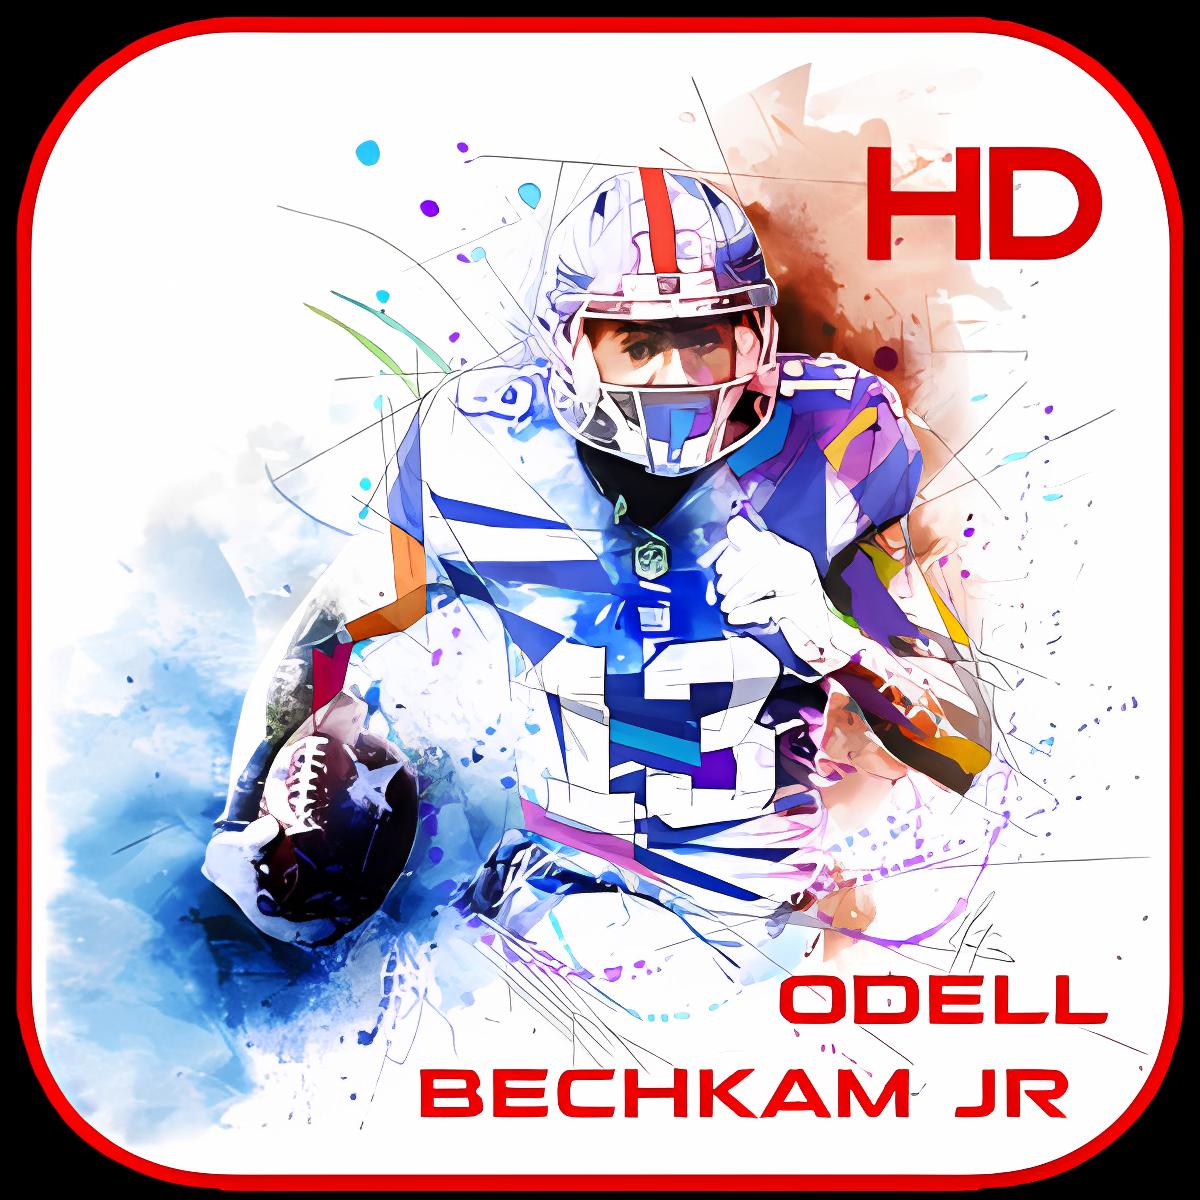 Odell Beckham Jr Wallpaper HD